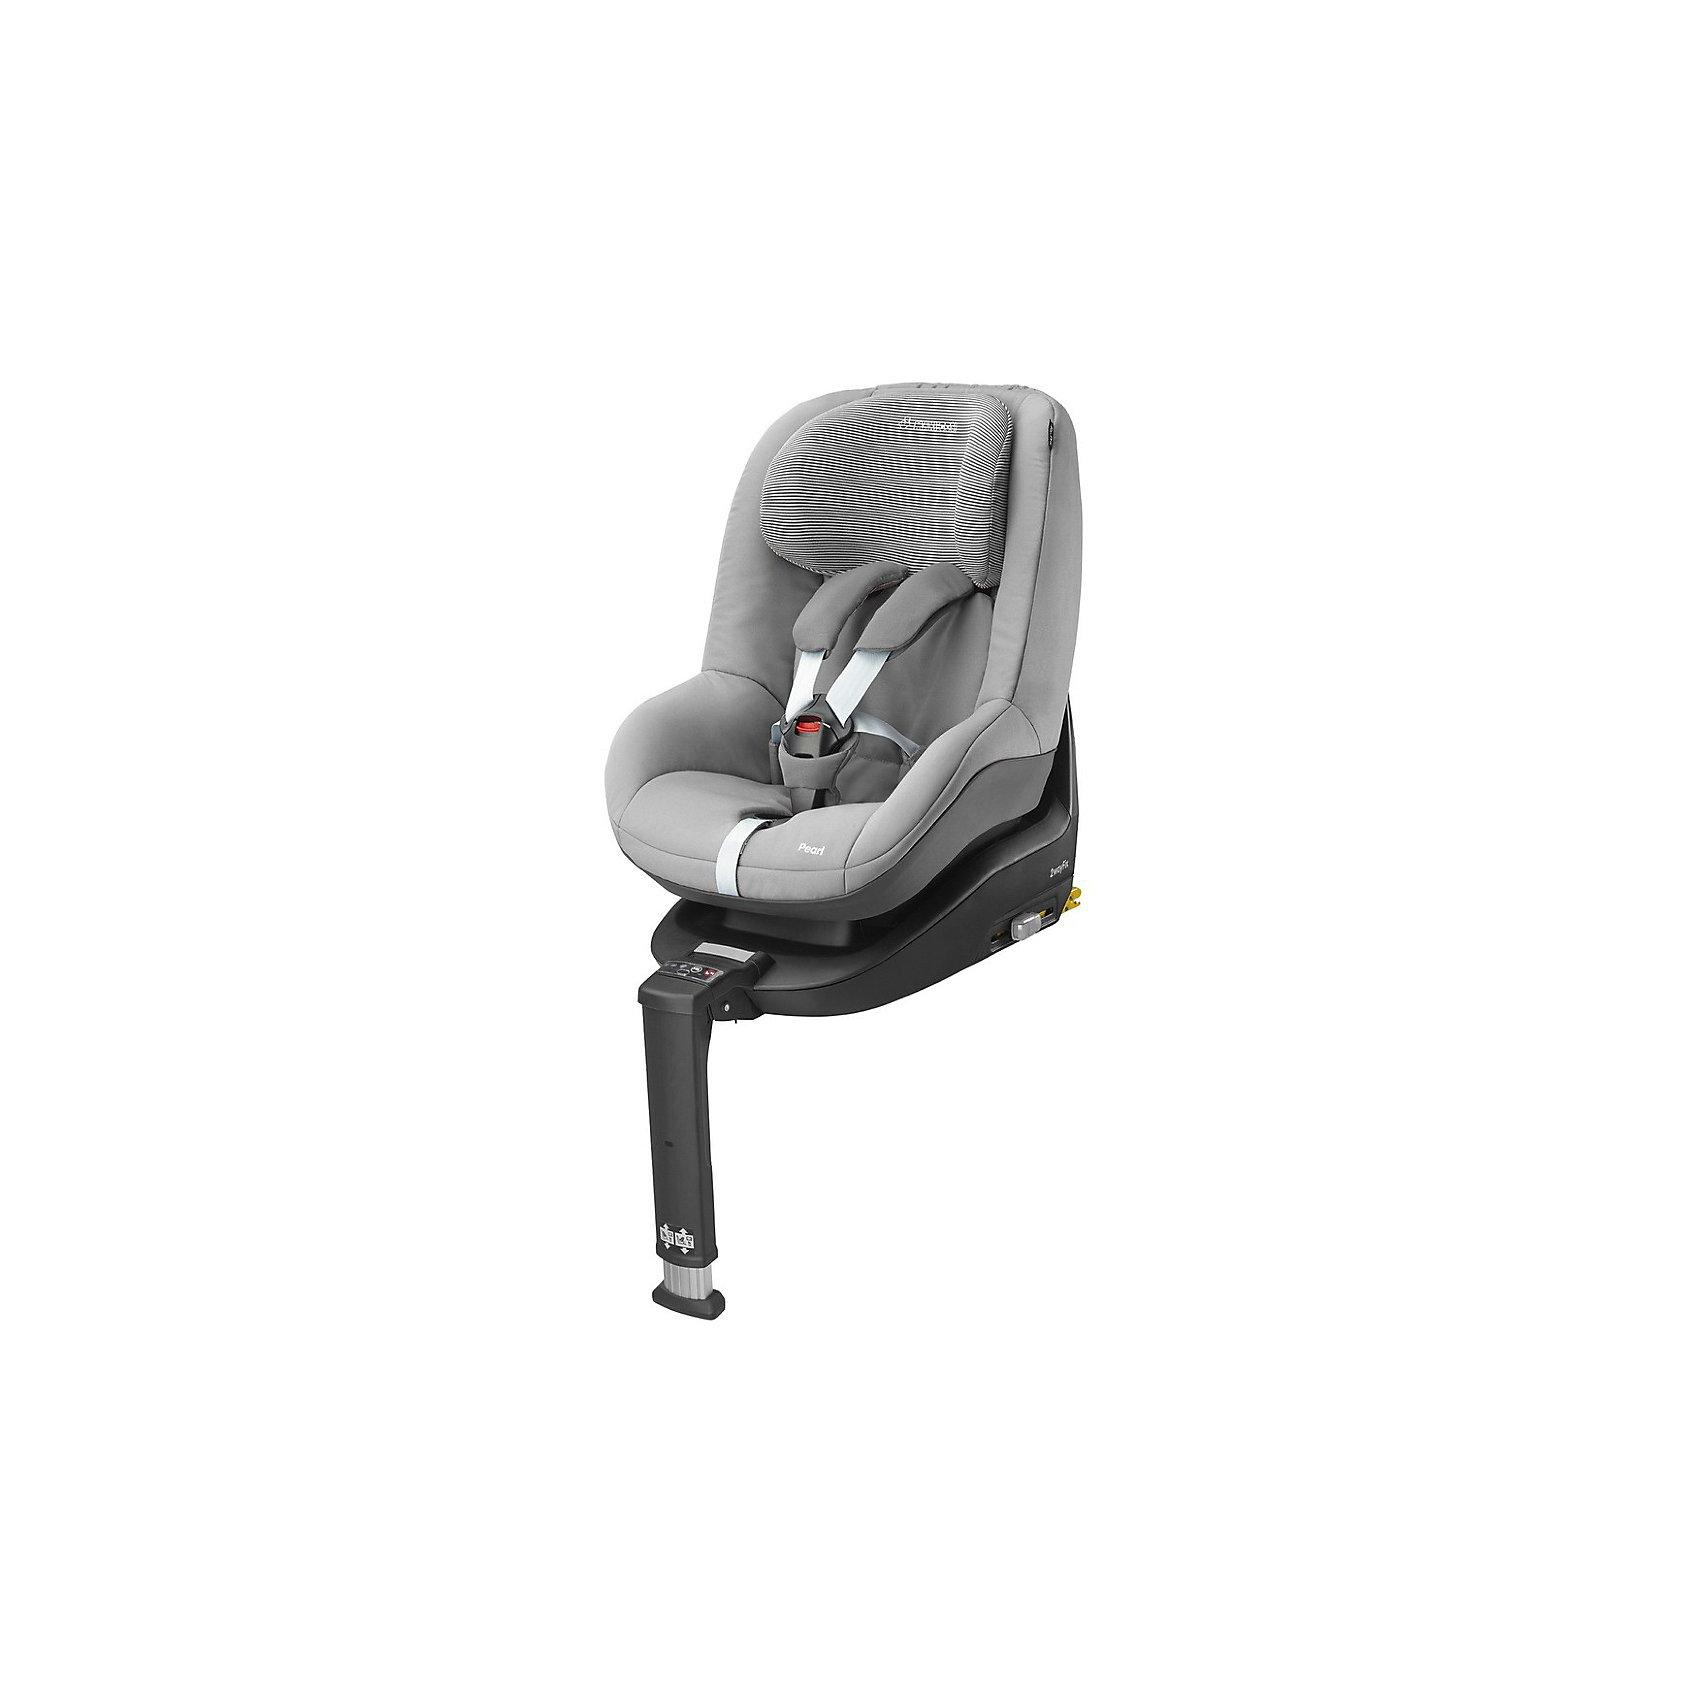 Автокресло Pearl 9-18 кг., Maxi-Cosi, Concrete Grey (Maxi Cosi)